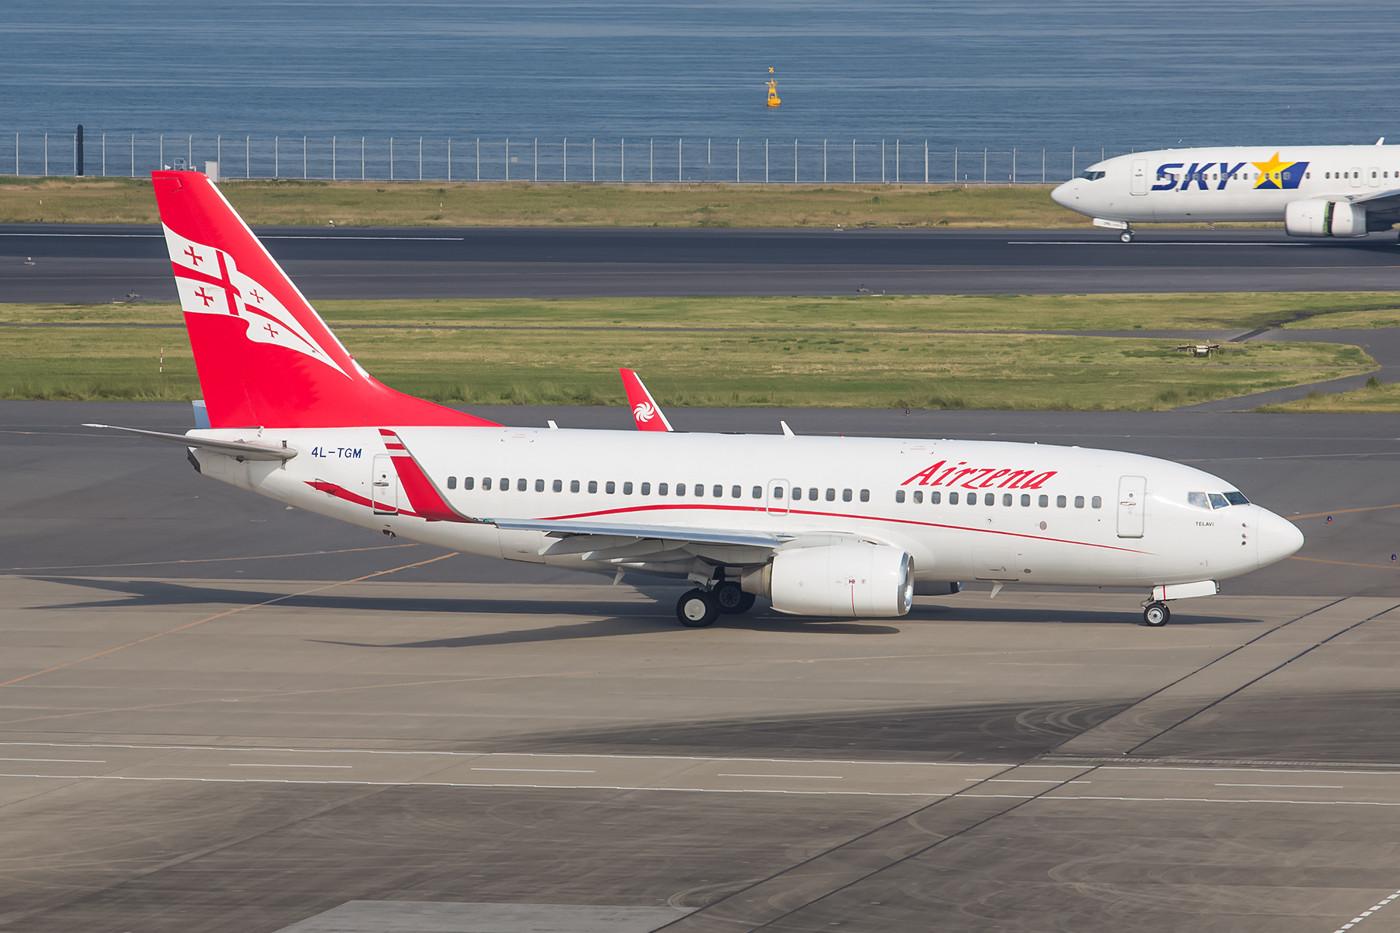 Staatsbesuch aus Georgien, Boeing 737-700 der Airzena